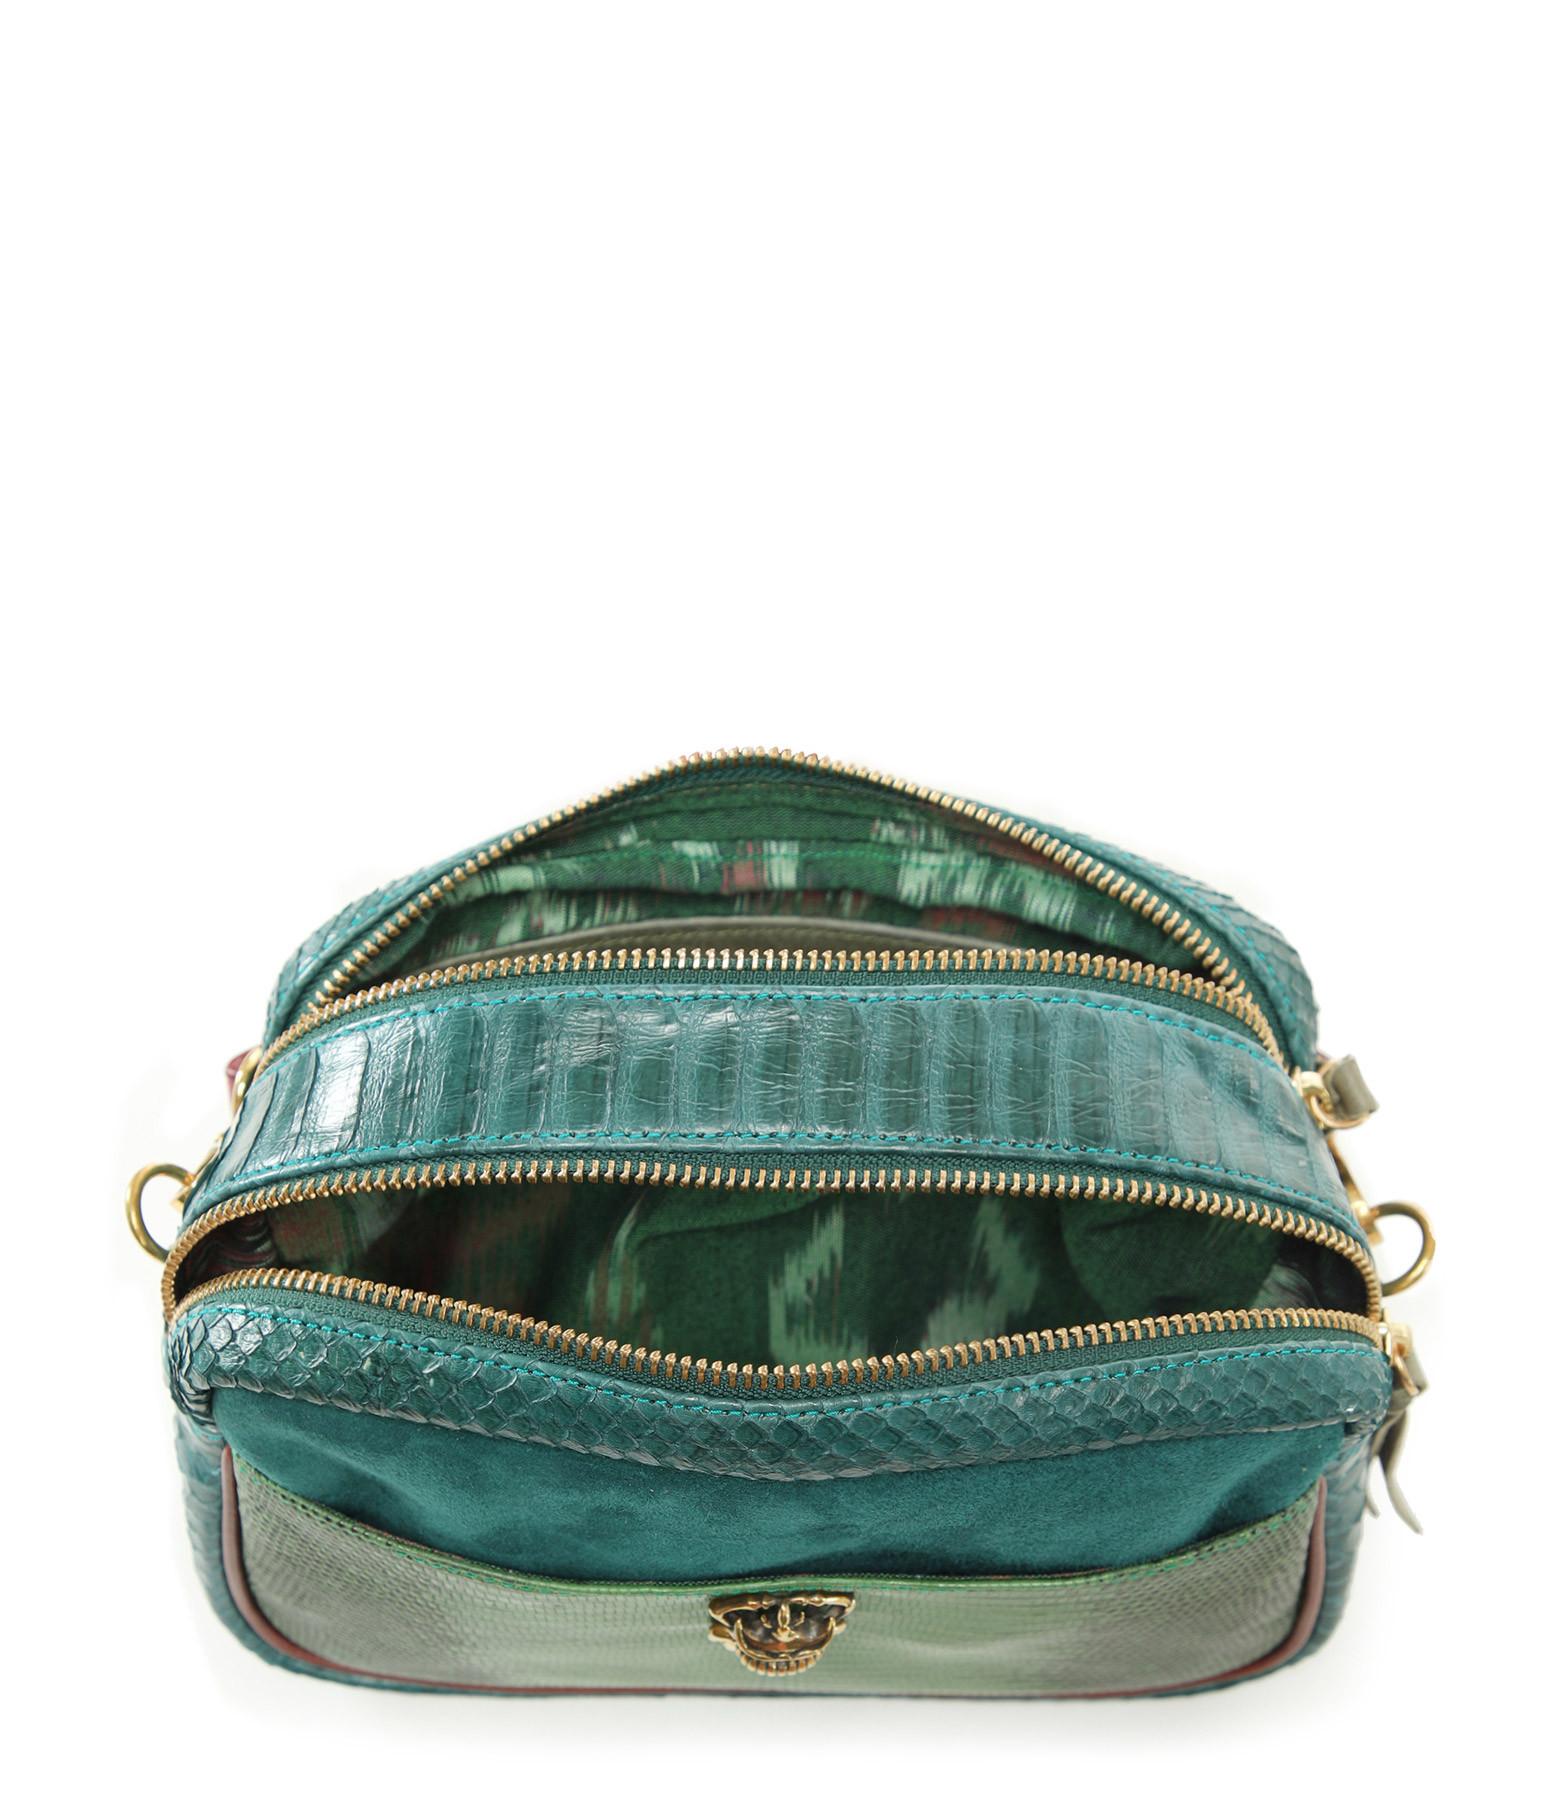 CLARIS VIROT - Sac Lily Python Bleu Canard Vert